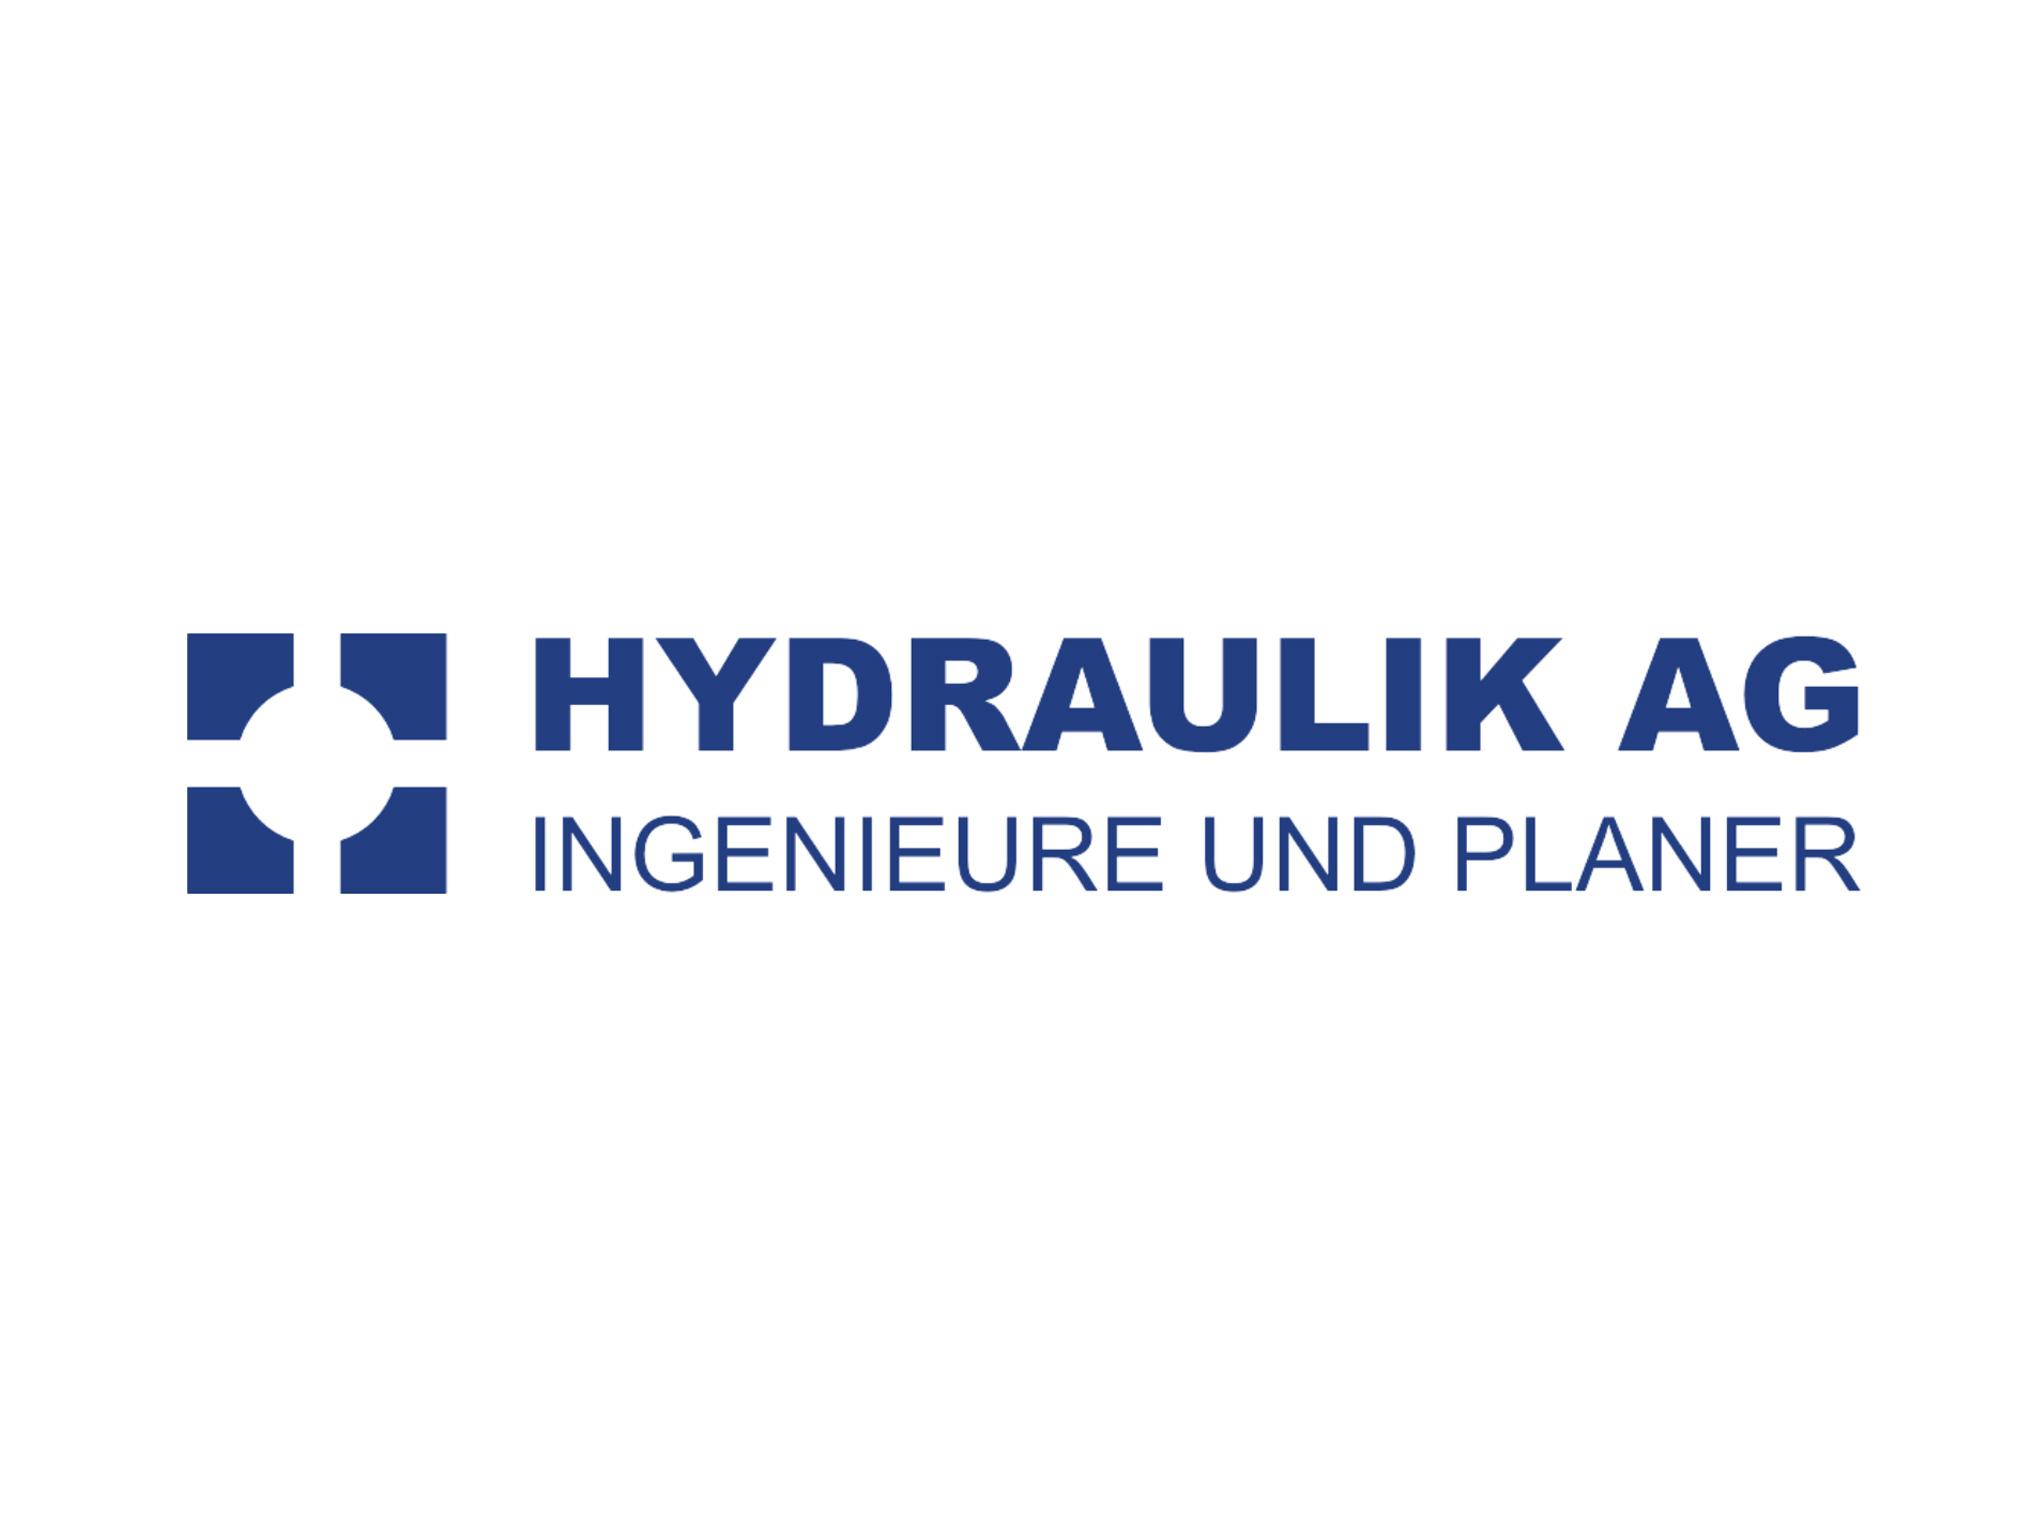 Hydraulik AG